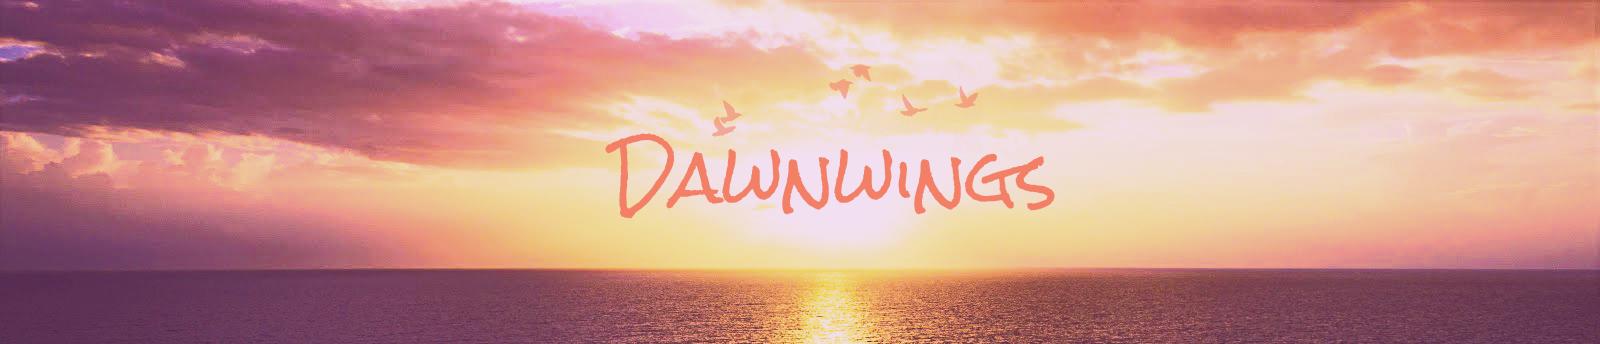 Dawnwings